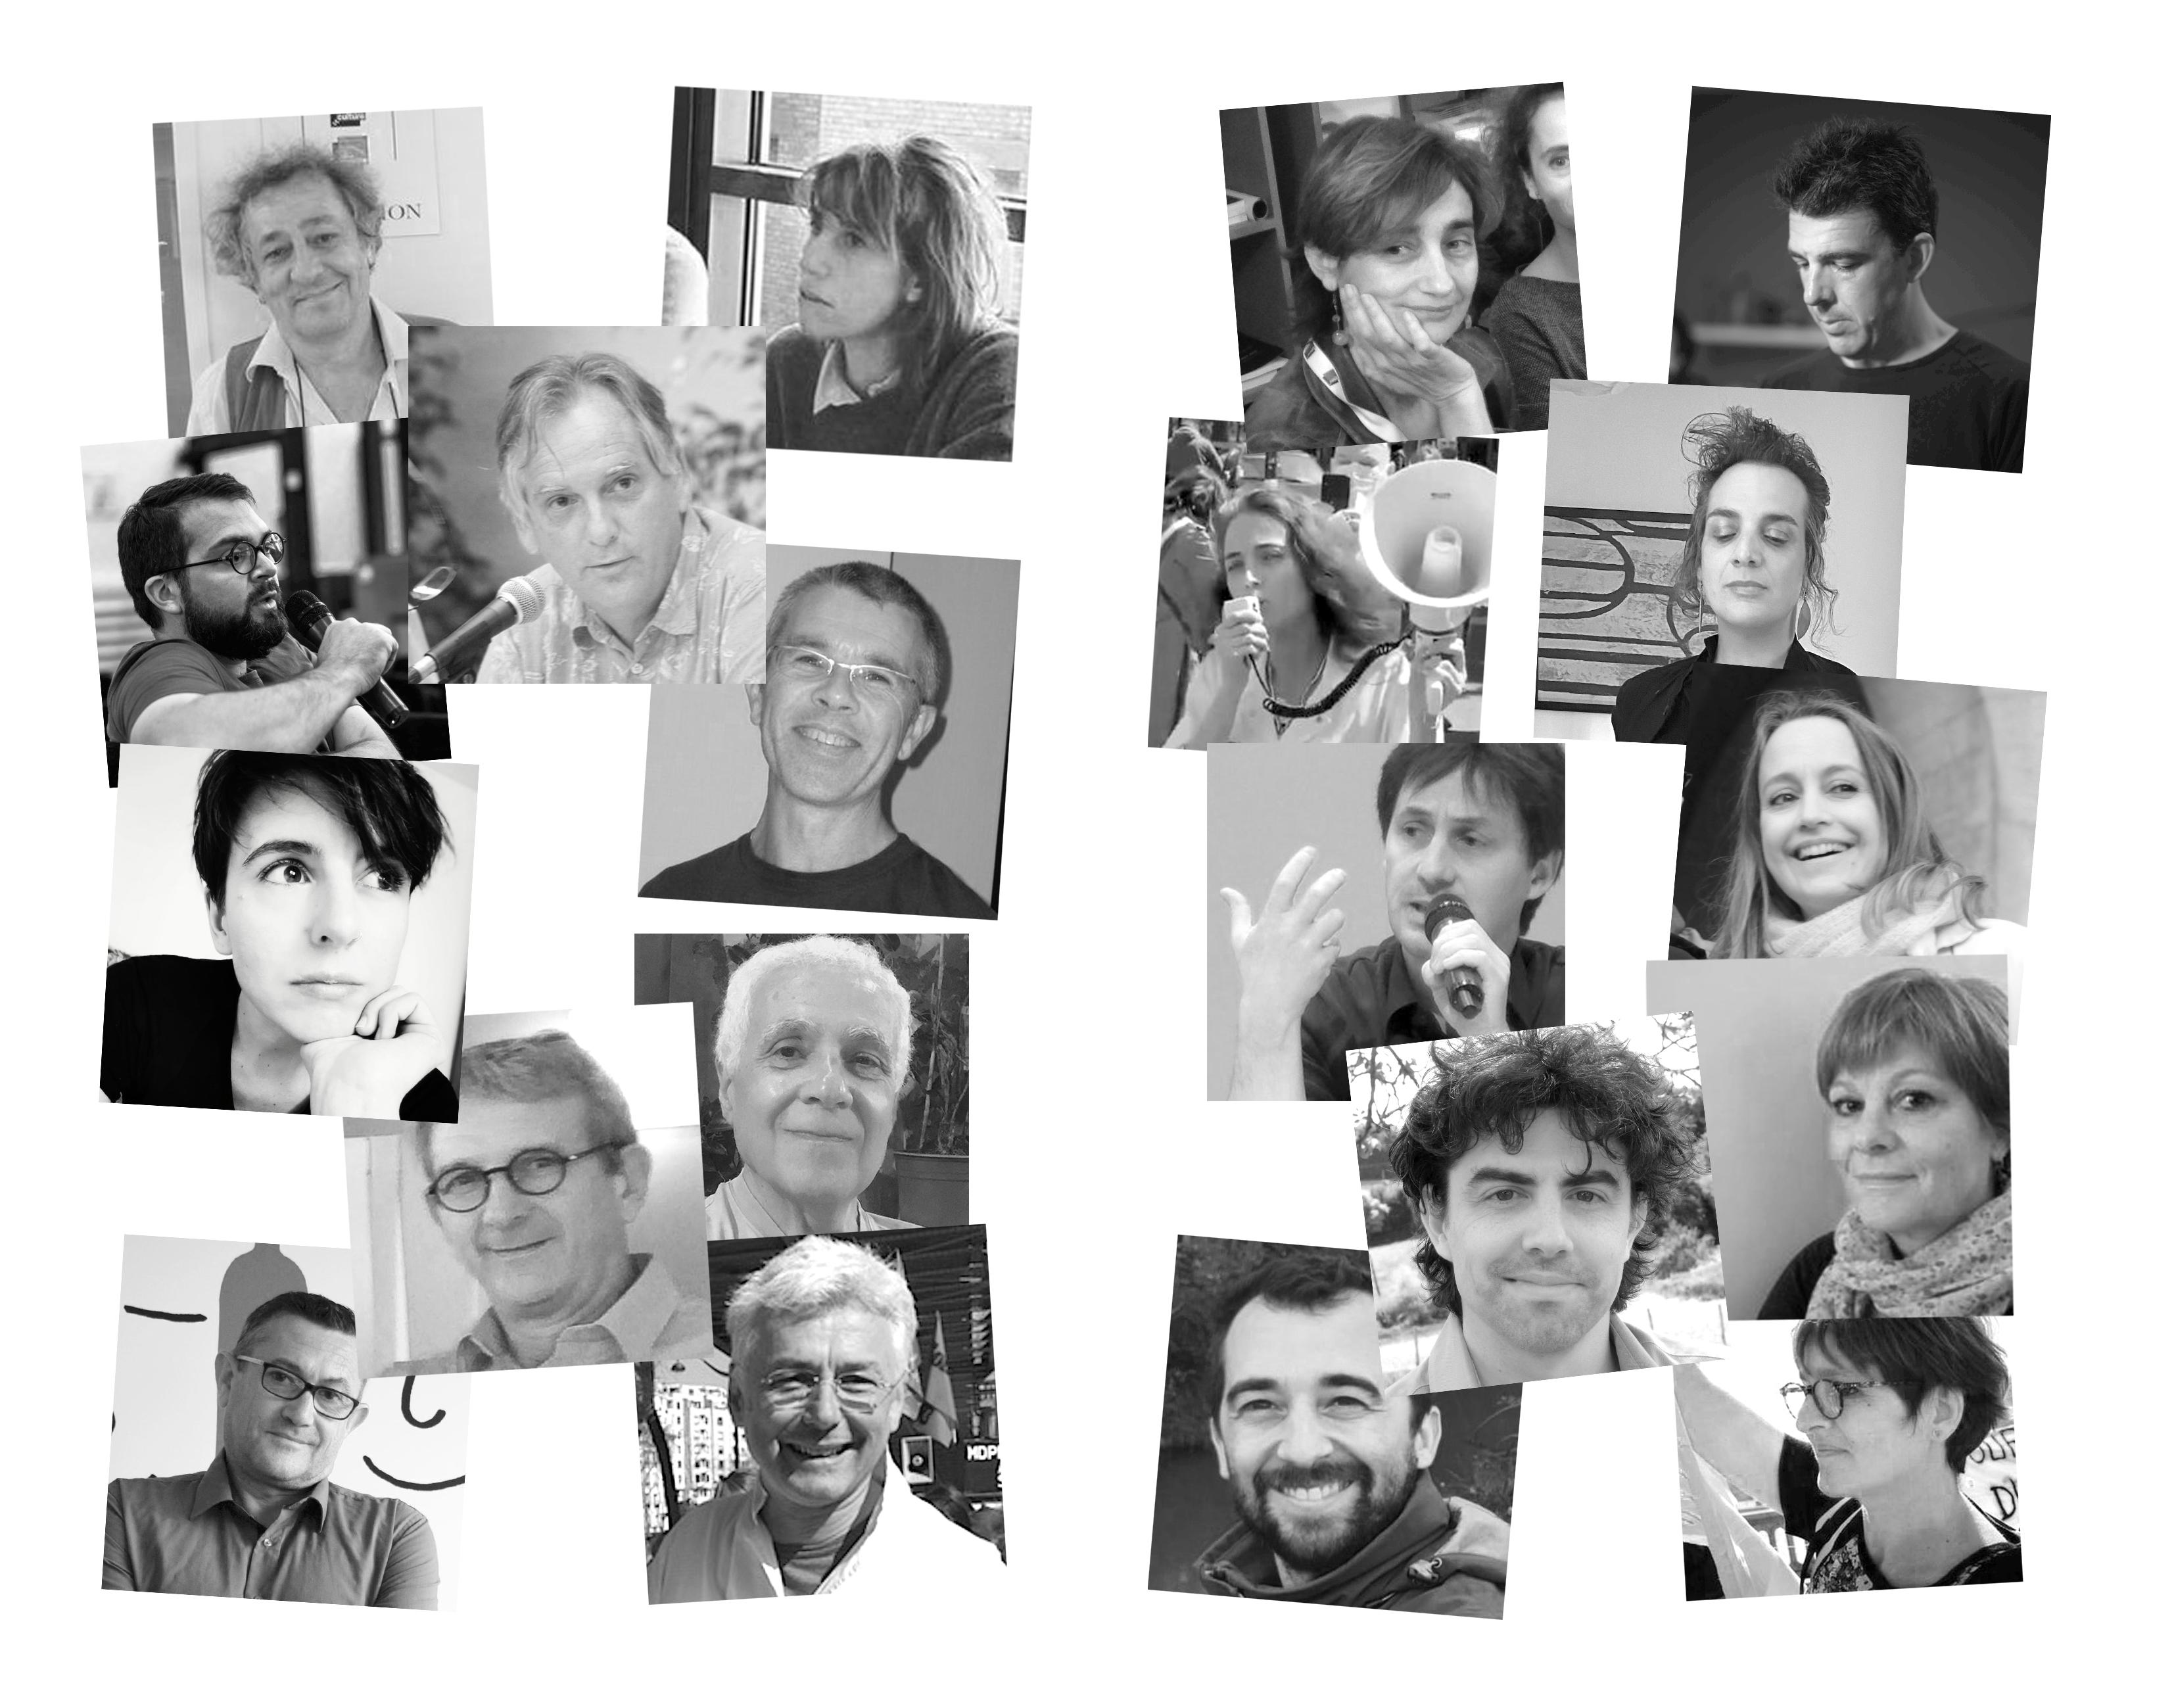 Mosaique des auteurs et autrices composant Les Furtifs